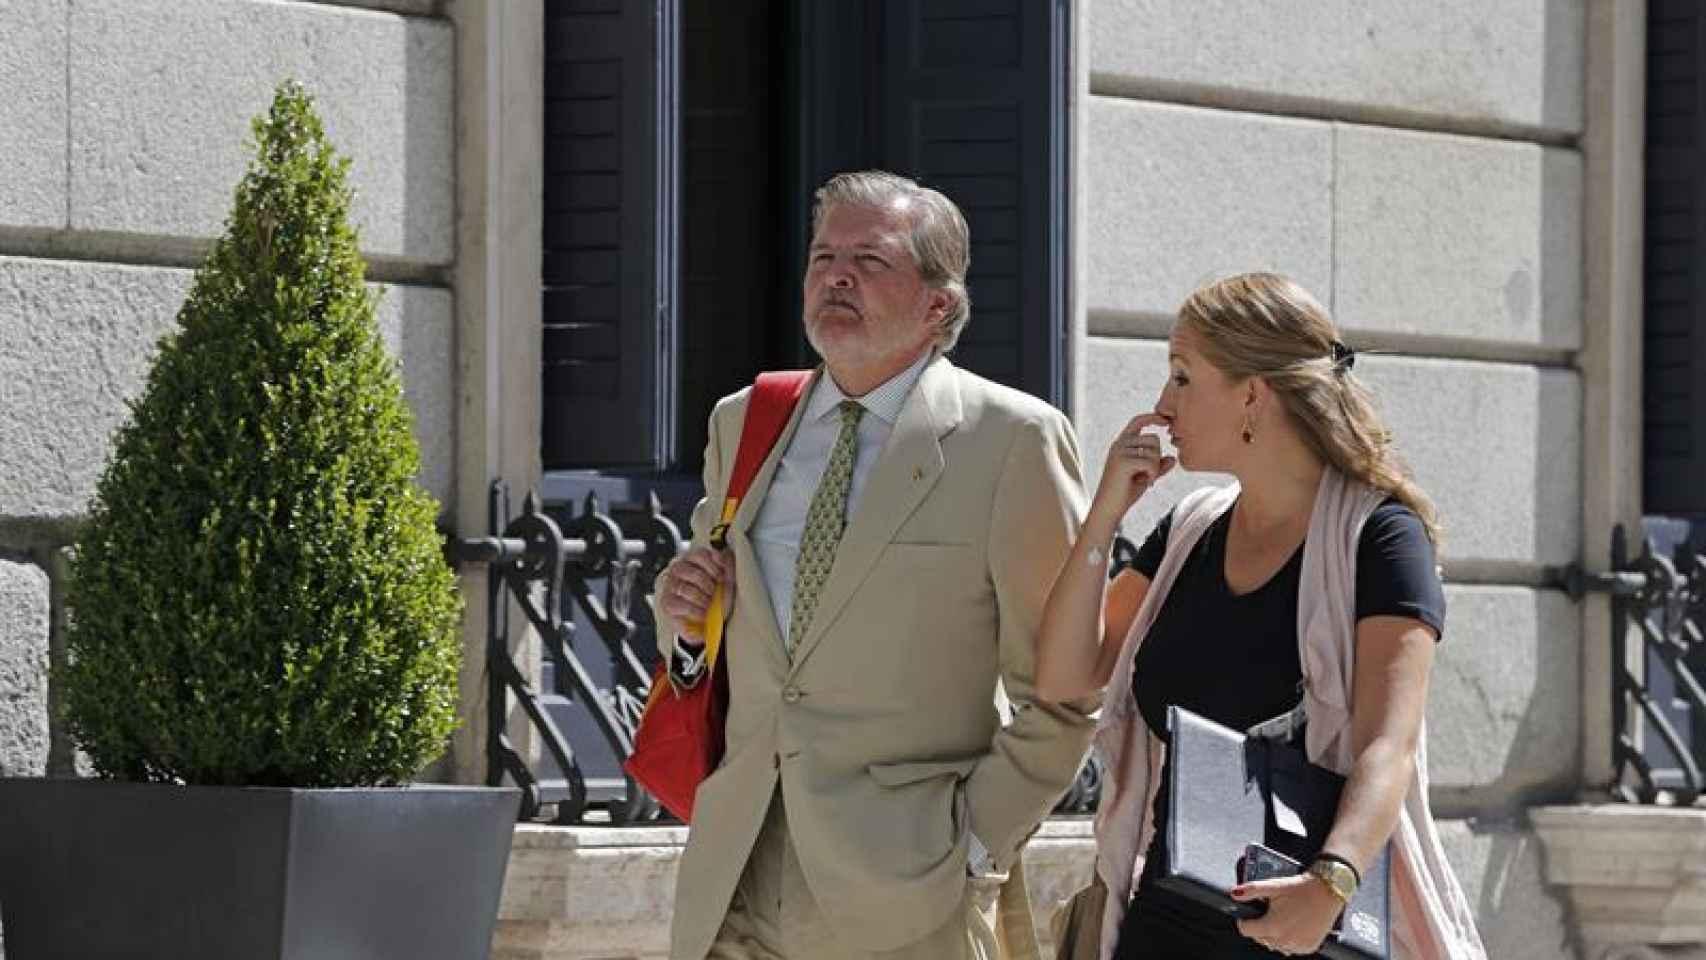 El ministro de Educación en funciones, Íñigo Méndez de Vigo